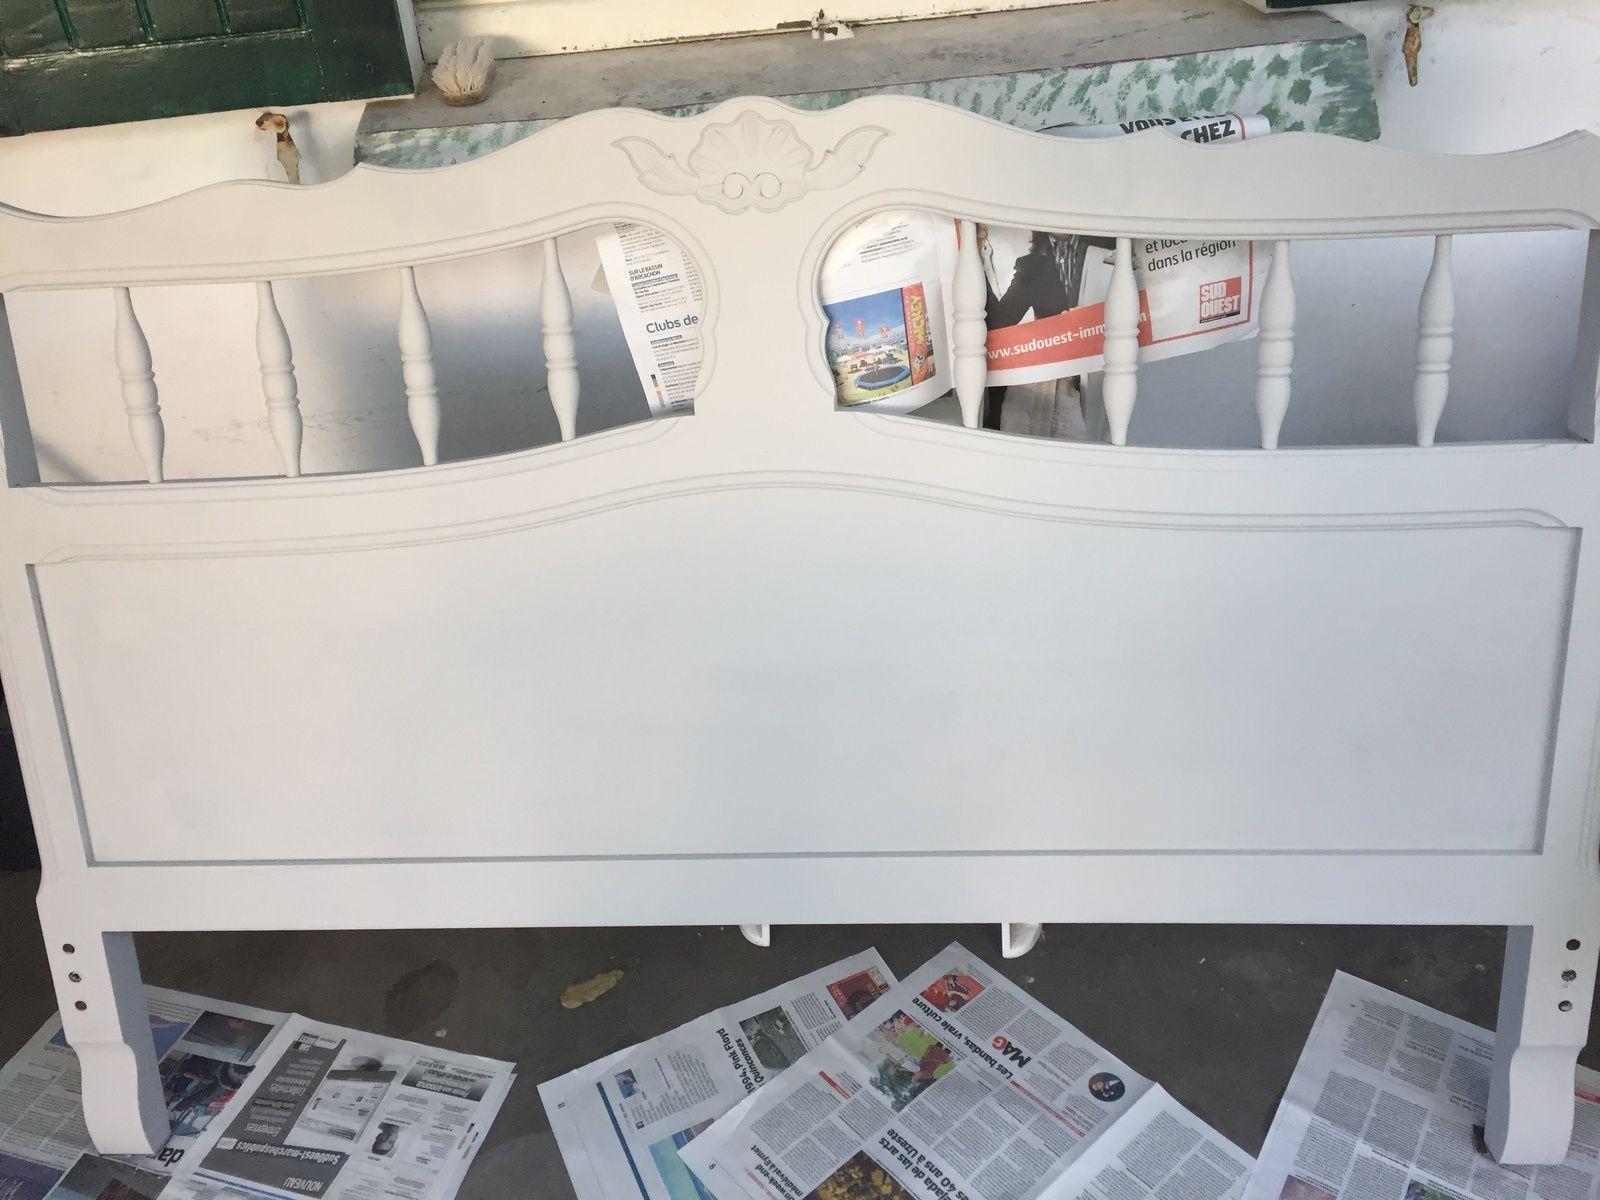 1) j'ai passer le meuble au décireur de la même marque avec de la laine d'acier, 2) j'ai laissé sécher puis j'ai brossé, puis j'ai laver à la lessive st marc, puis j'ai essuyé et j'ai pû commencer à passer la couche de peinture